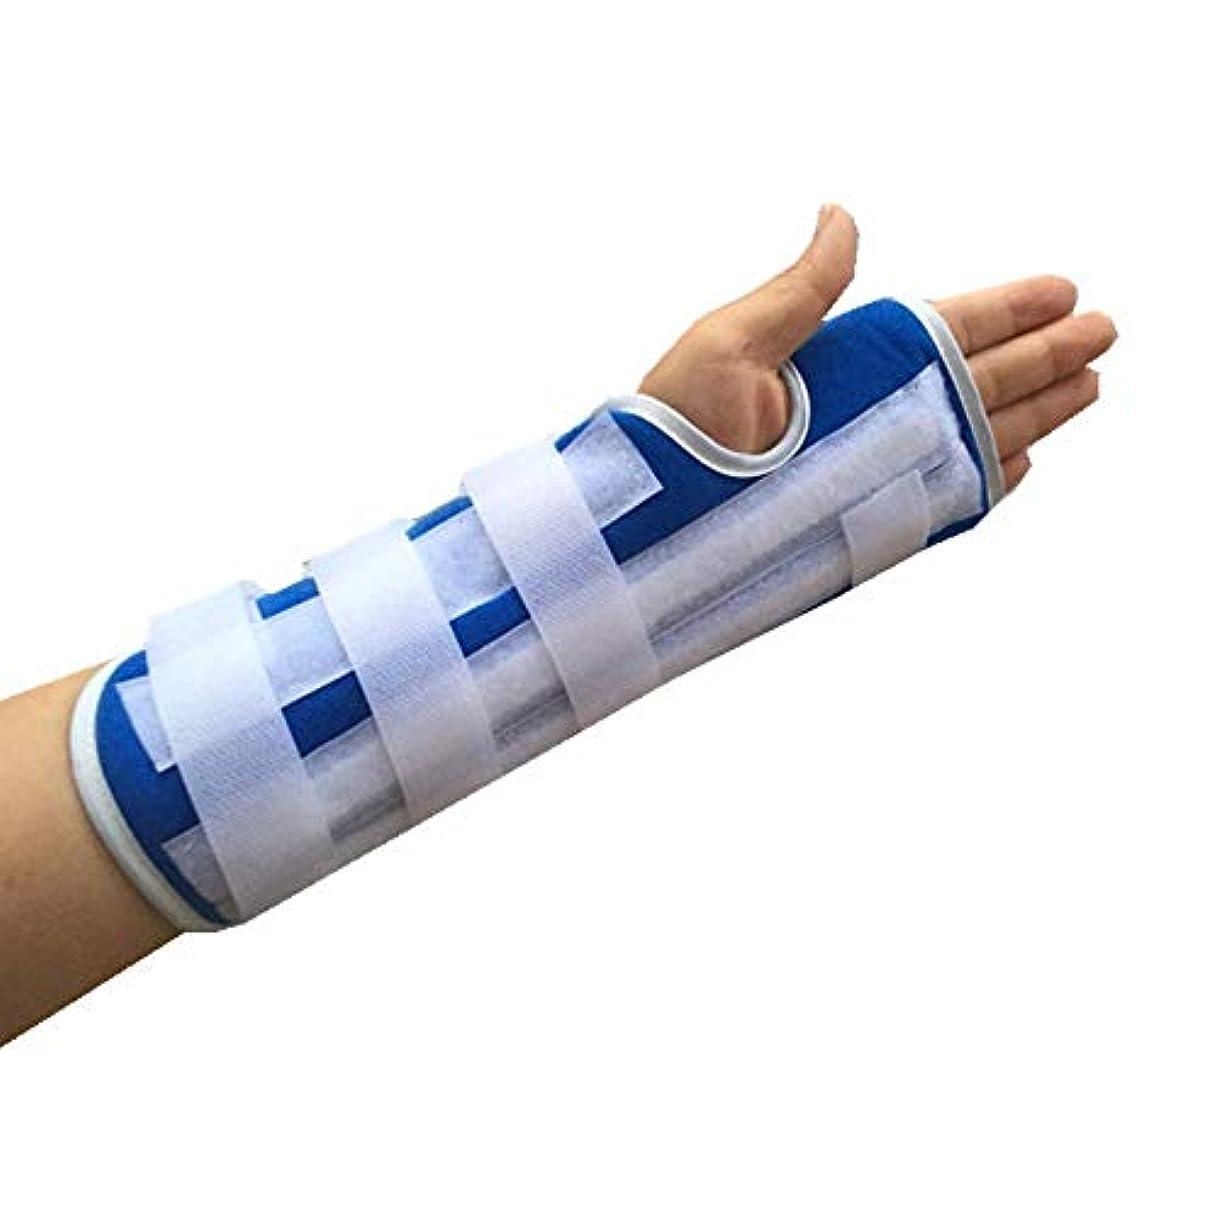 好む平和マグZYL-YL プレート固定と前腕スーパー関節サポート手首プロテクター前腕脛骨スプリントサポート手首捻挫骨折 (Edition : Left)